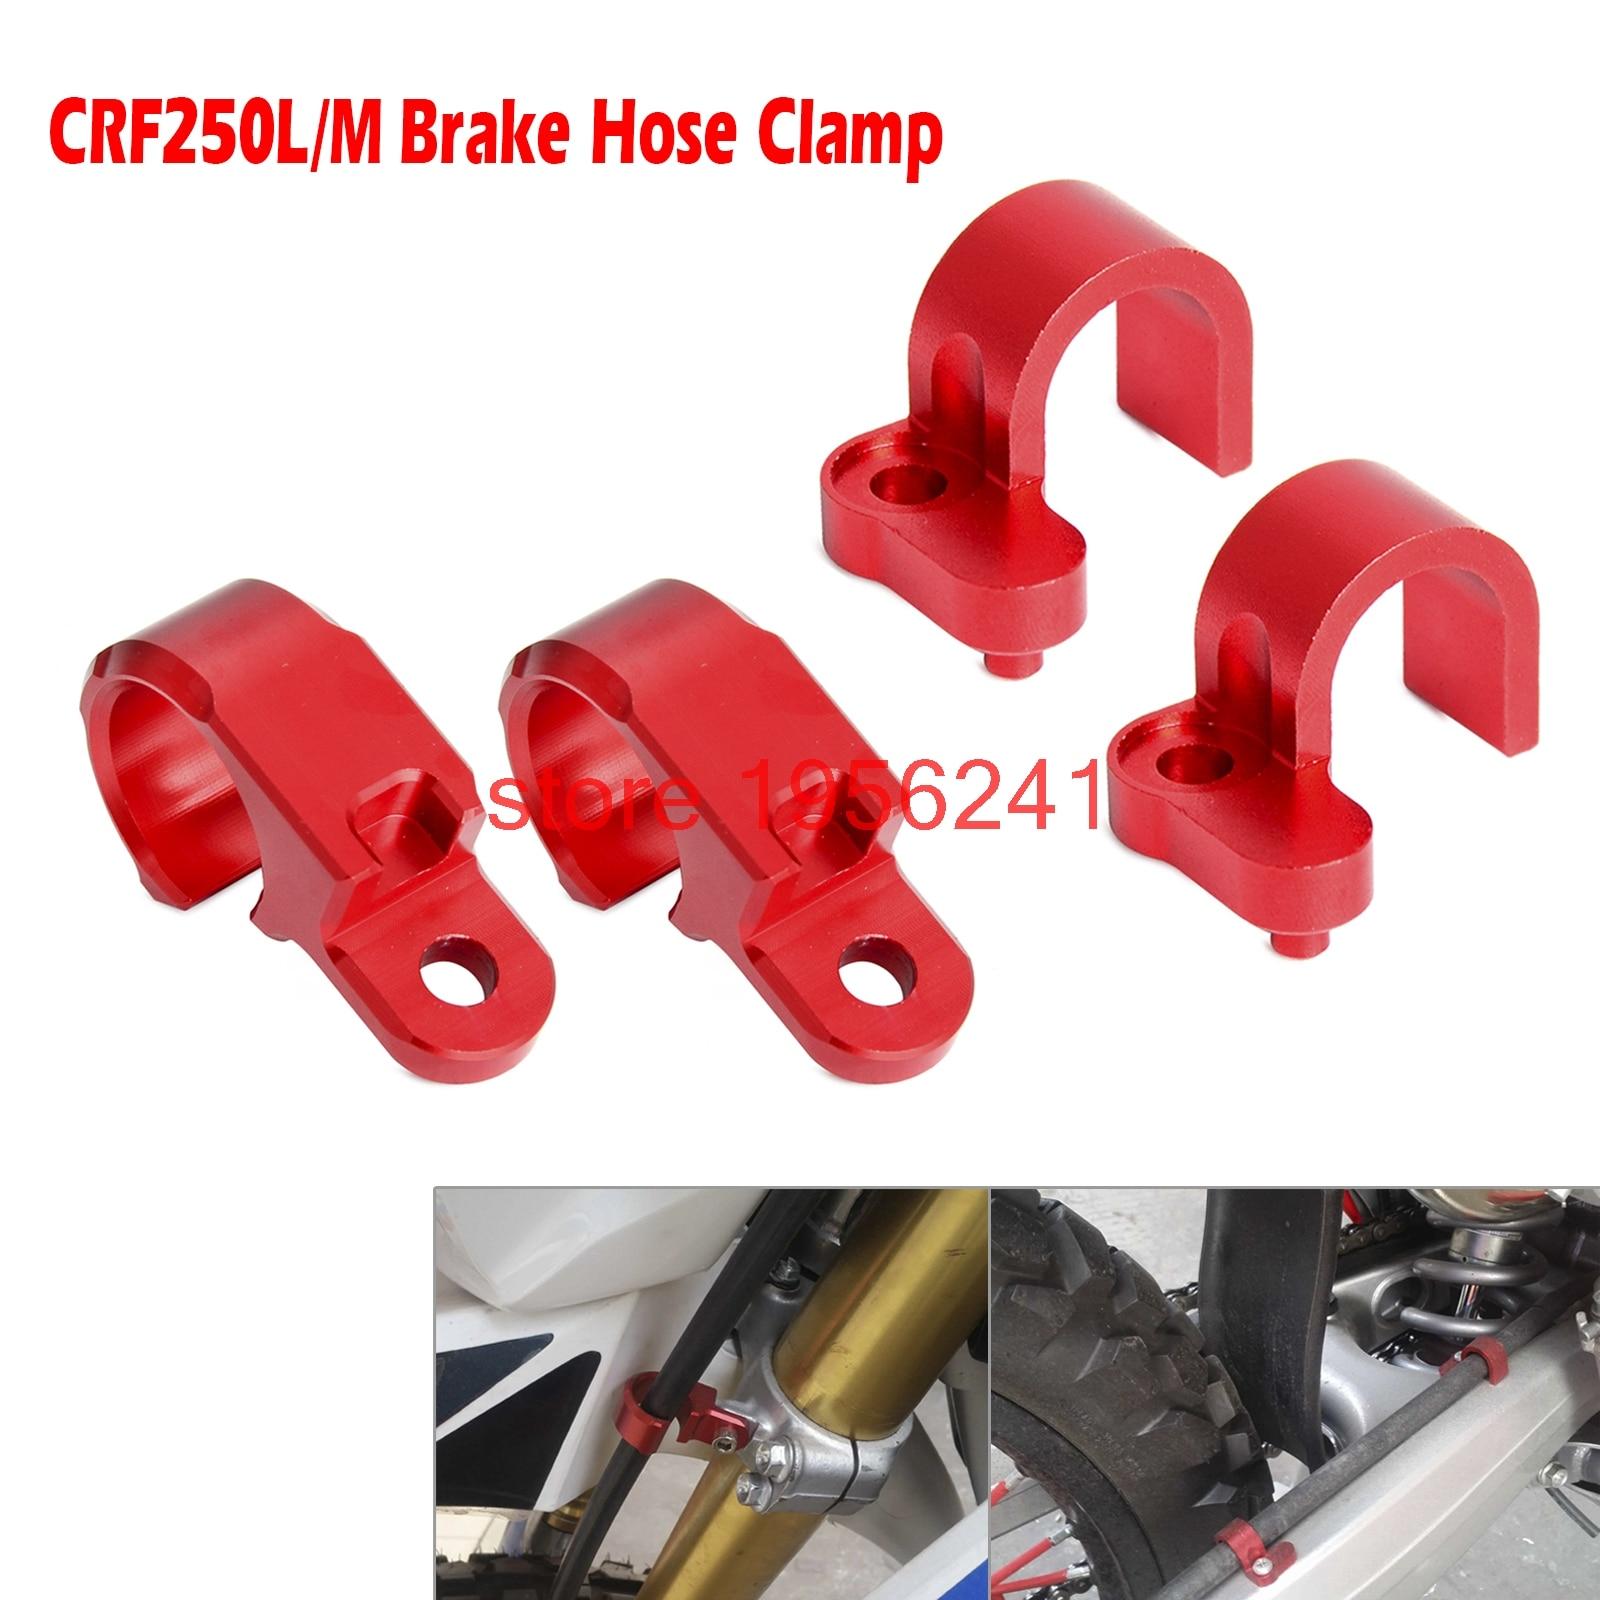 CNC Front & Rear Brake Line Hose Clamp Holder For Honda CRF250L CRF250M 2012 - 2015 2013 2014 CRF250 L/M